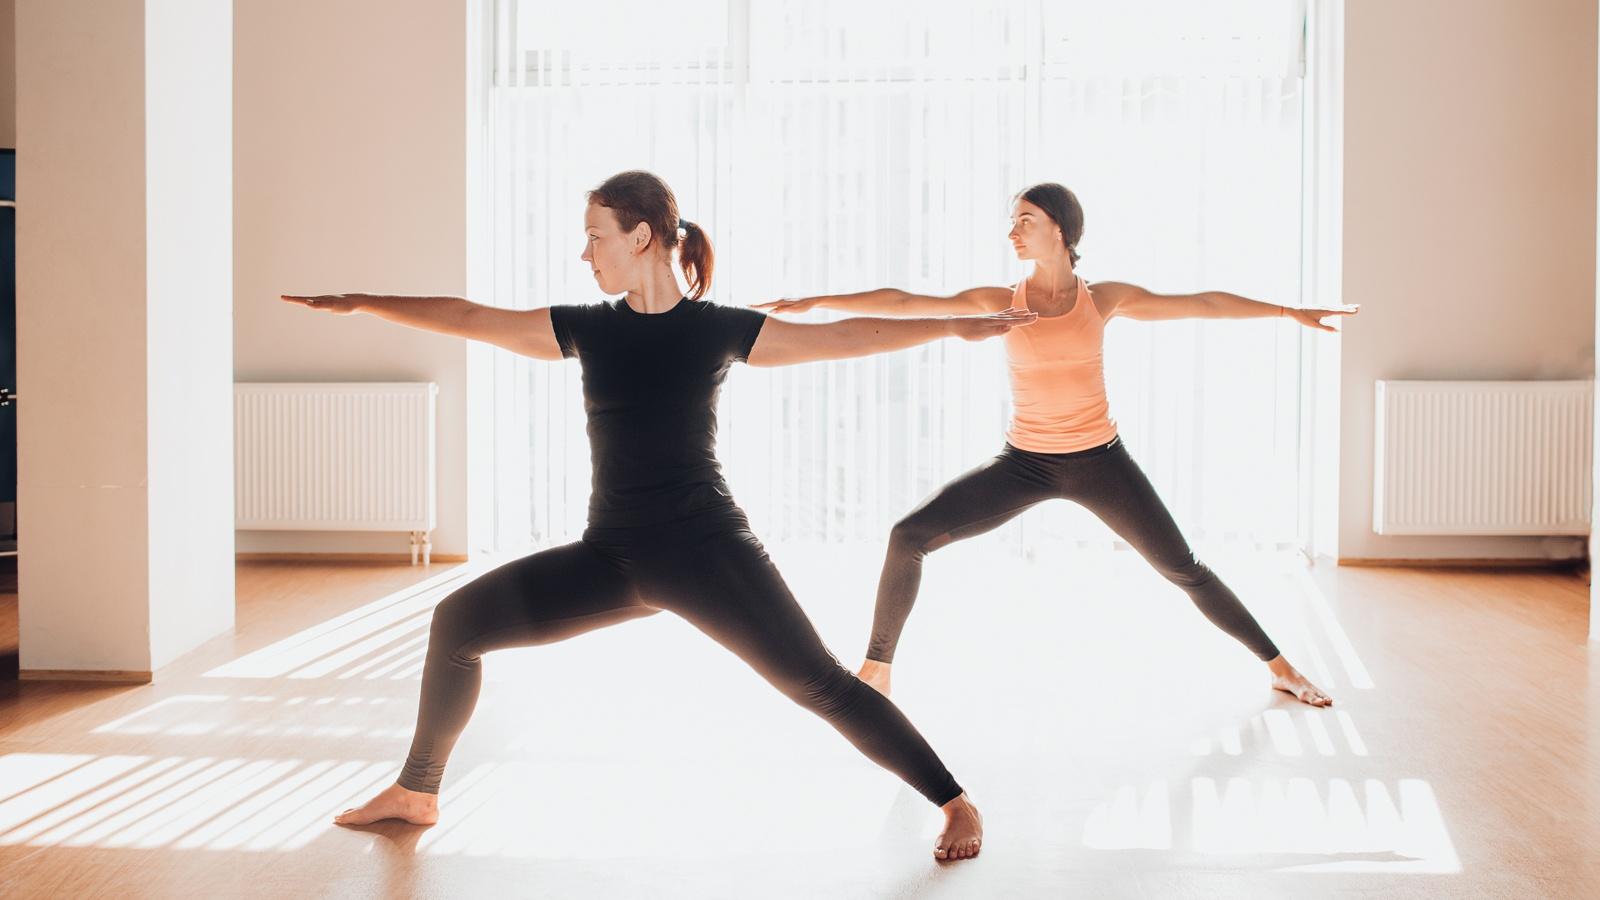 4 tư thế sai khi tập tành khiến các chị em vận động hùng hục vẫn không giảm được cân nào - Hình 6